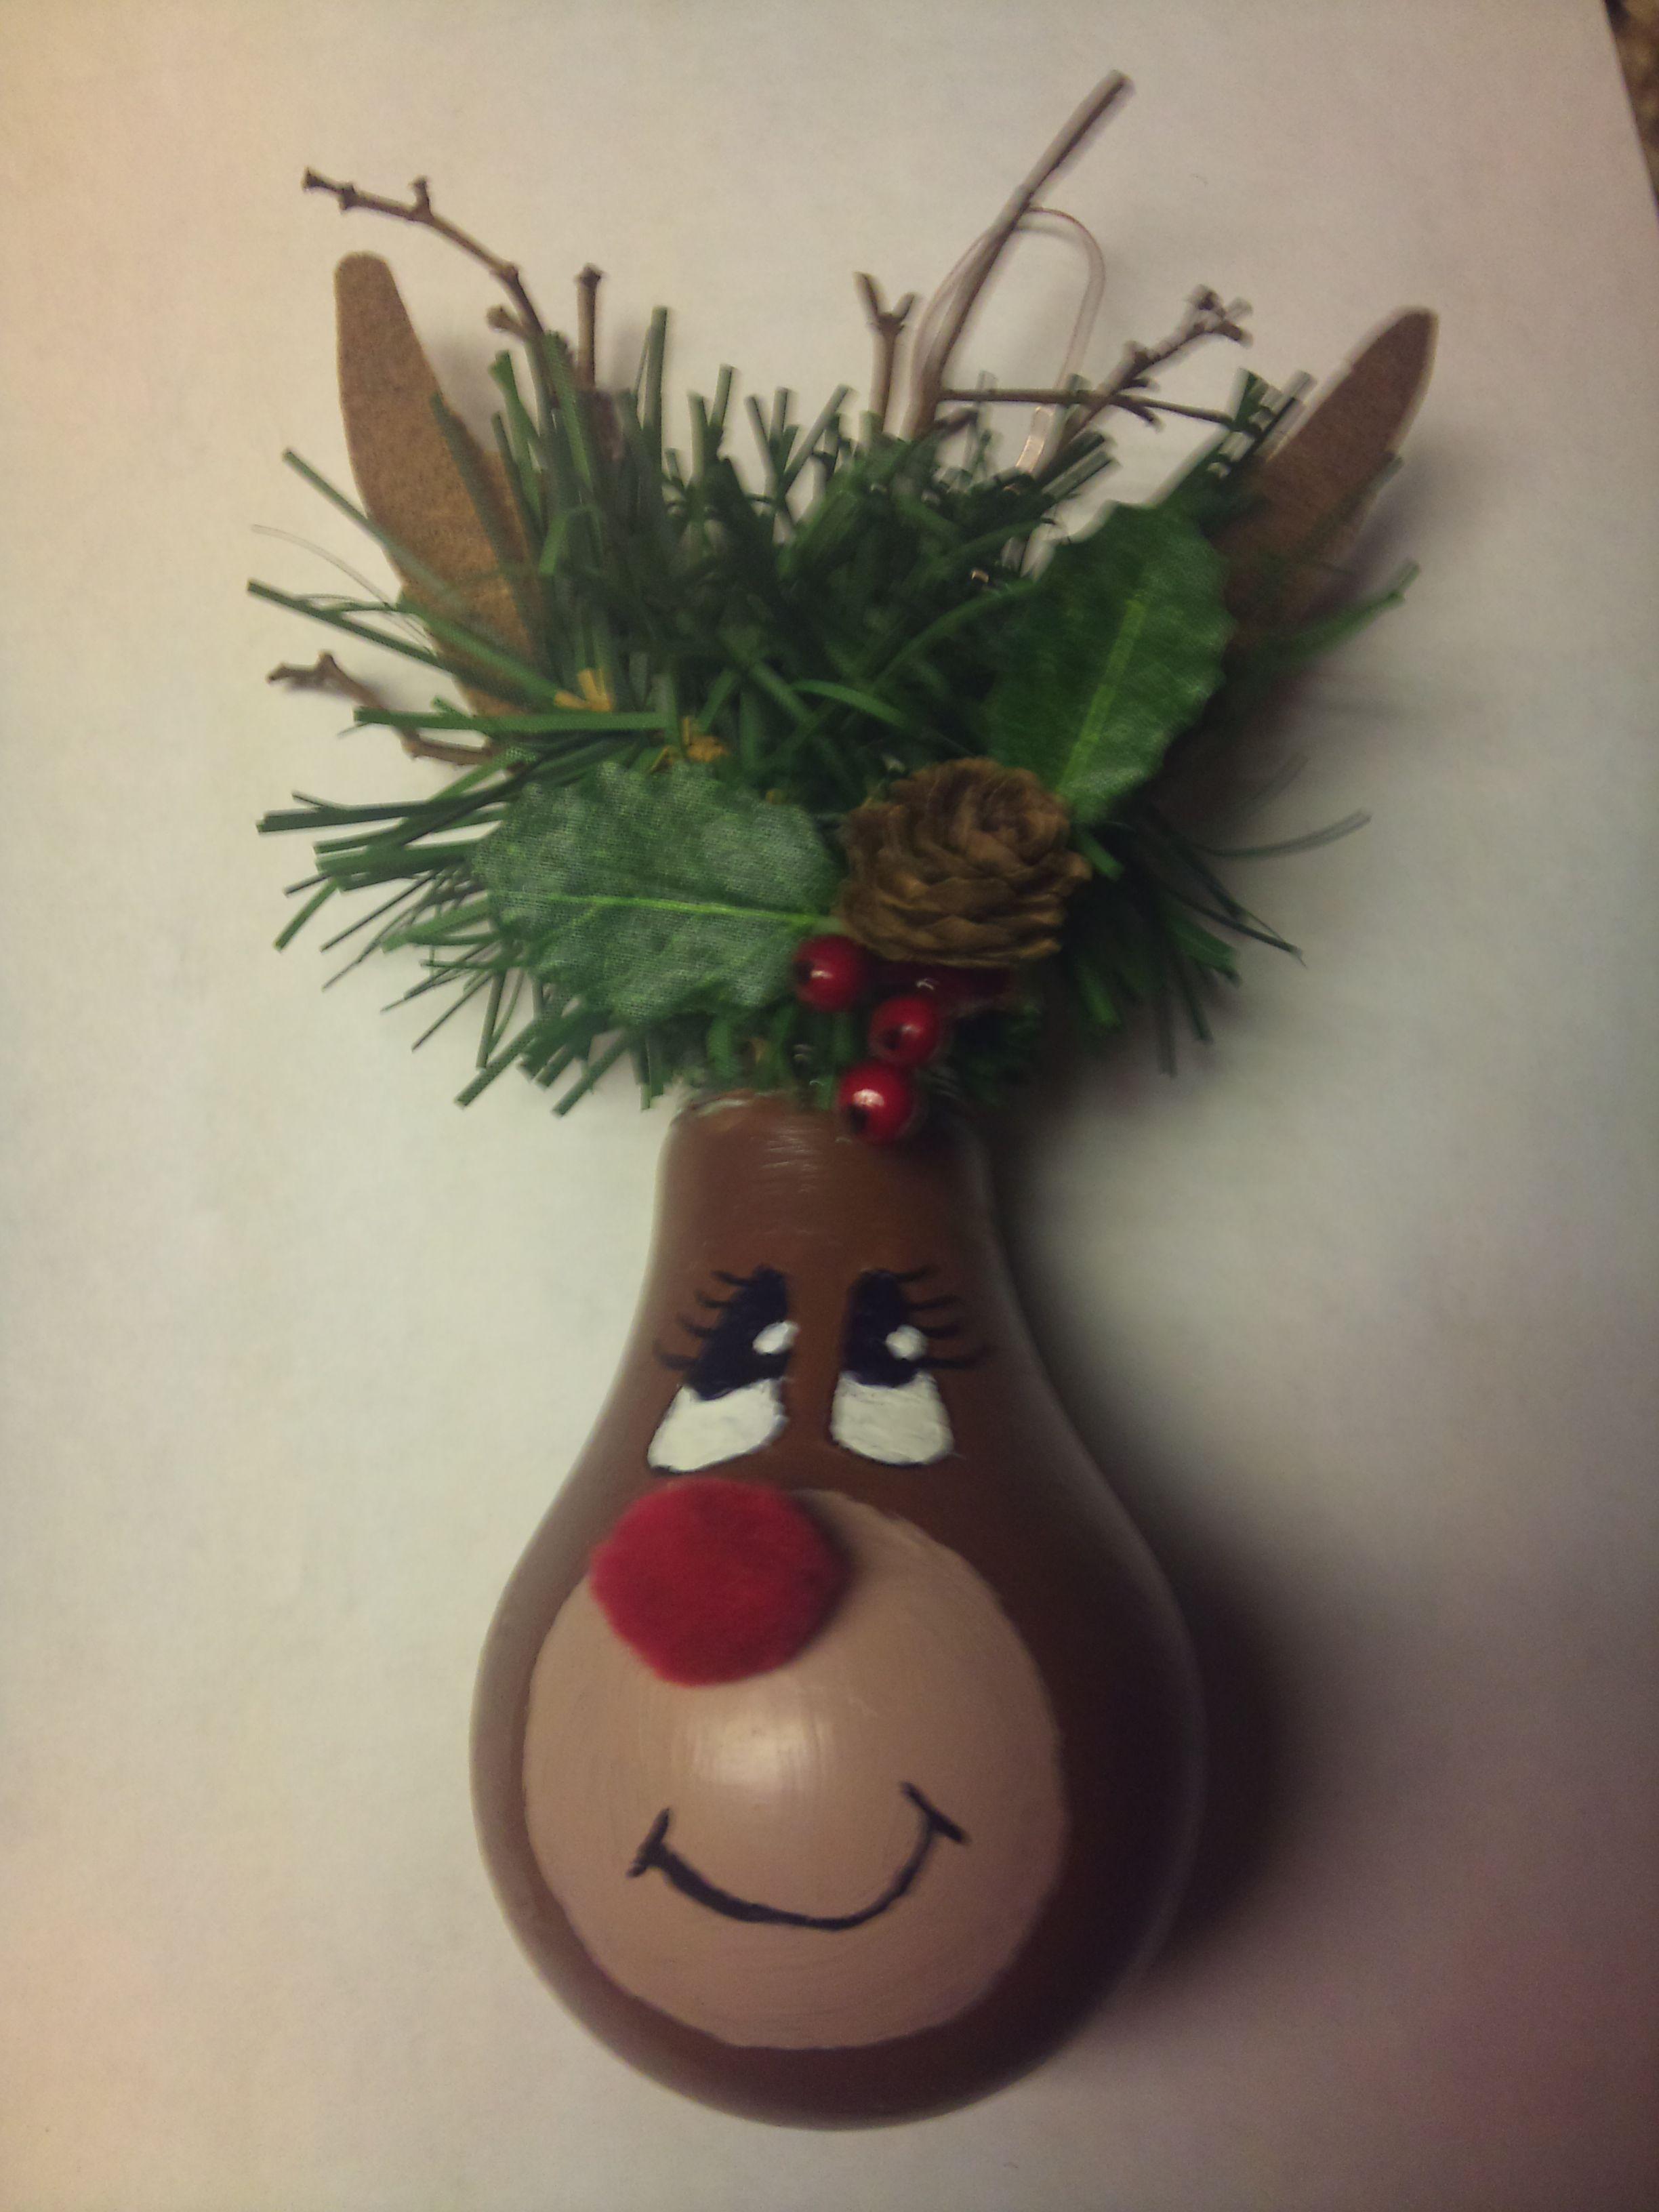 bombillos cristhmas ornament esferas navideas focos navidad ideas navideas bombilla bricolaje rudolph el reno ligero